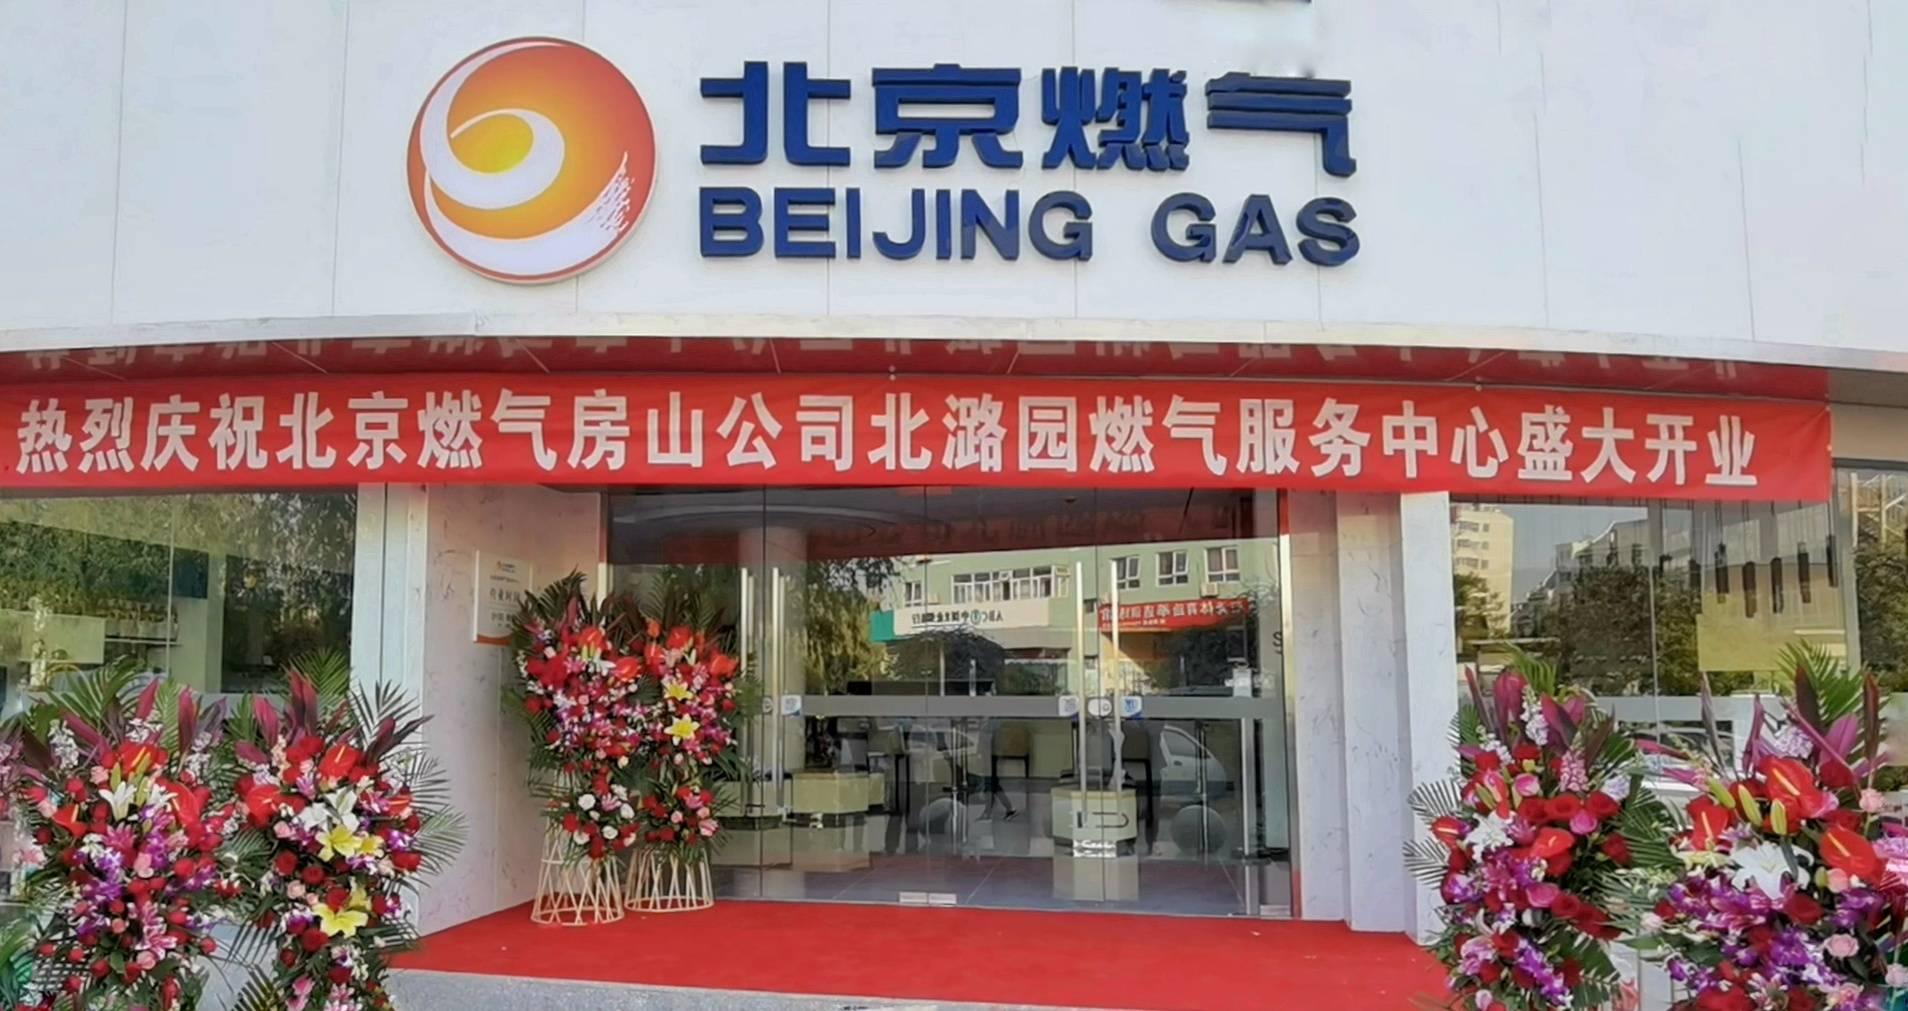 北京房山区最大燃气综合性服务中心开门迎客